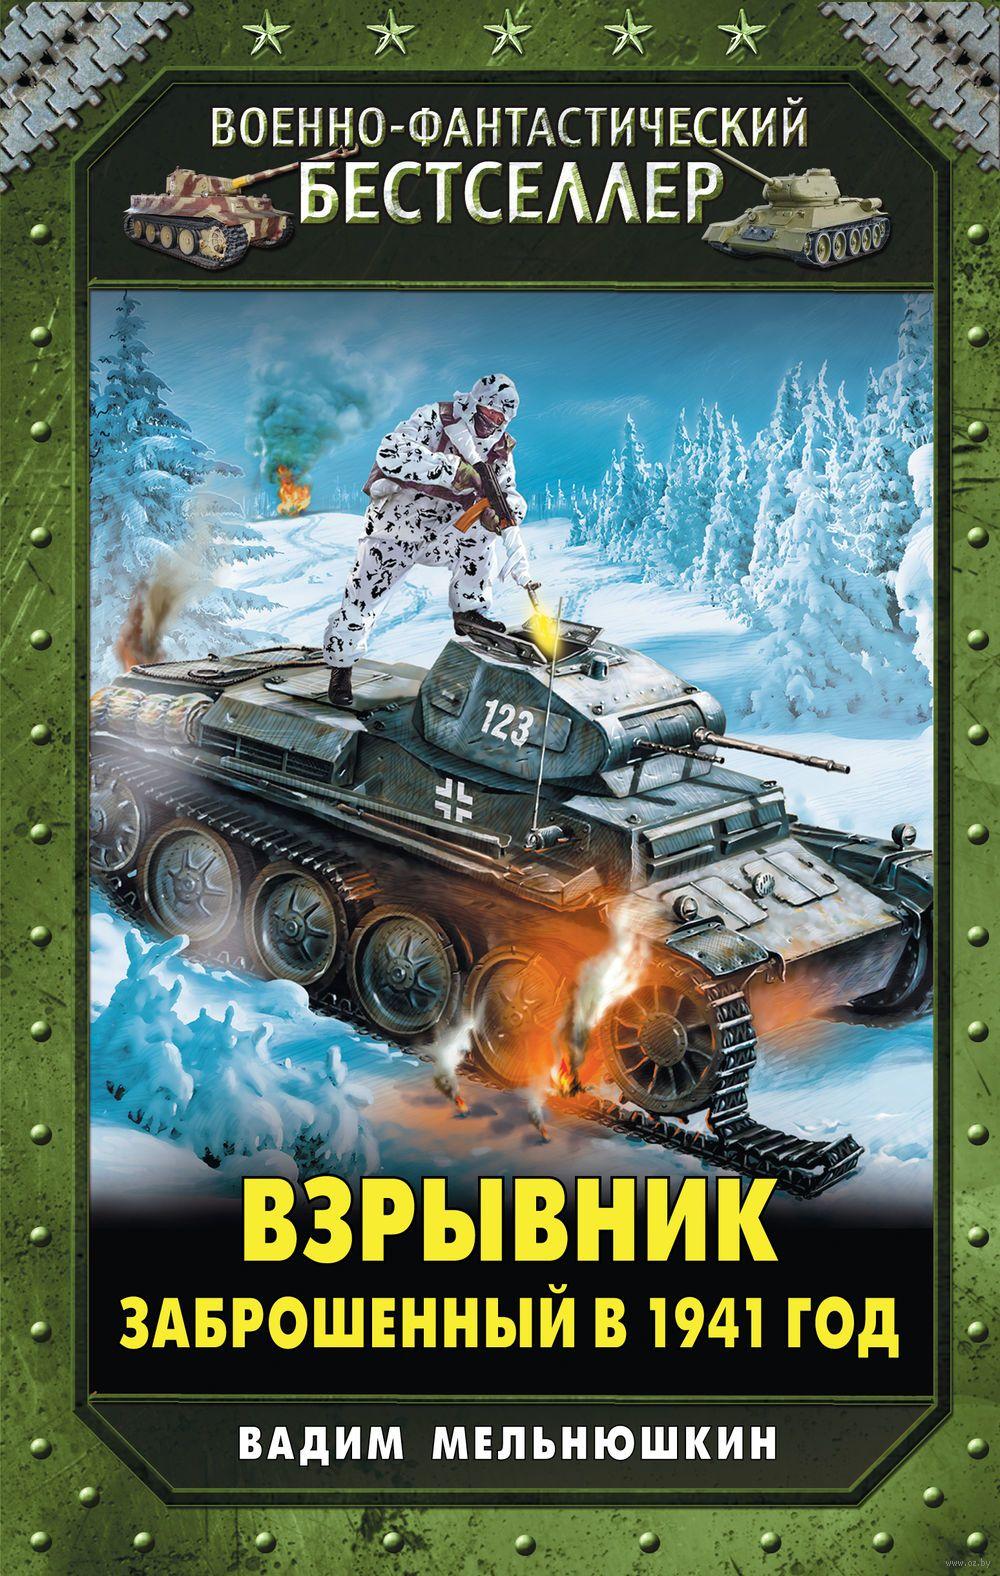 Фантастика попаданцывадим мельнюшкин окруженец затерянный в 1941 м